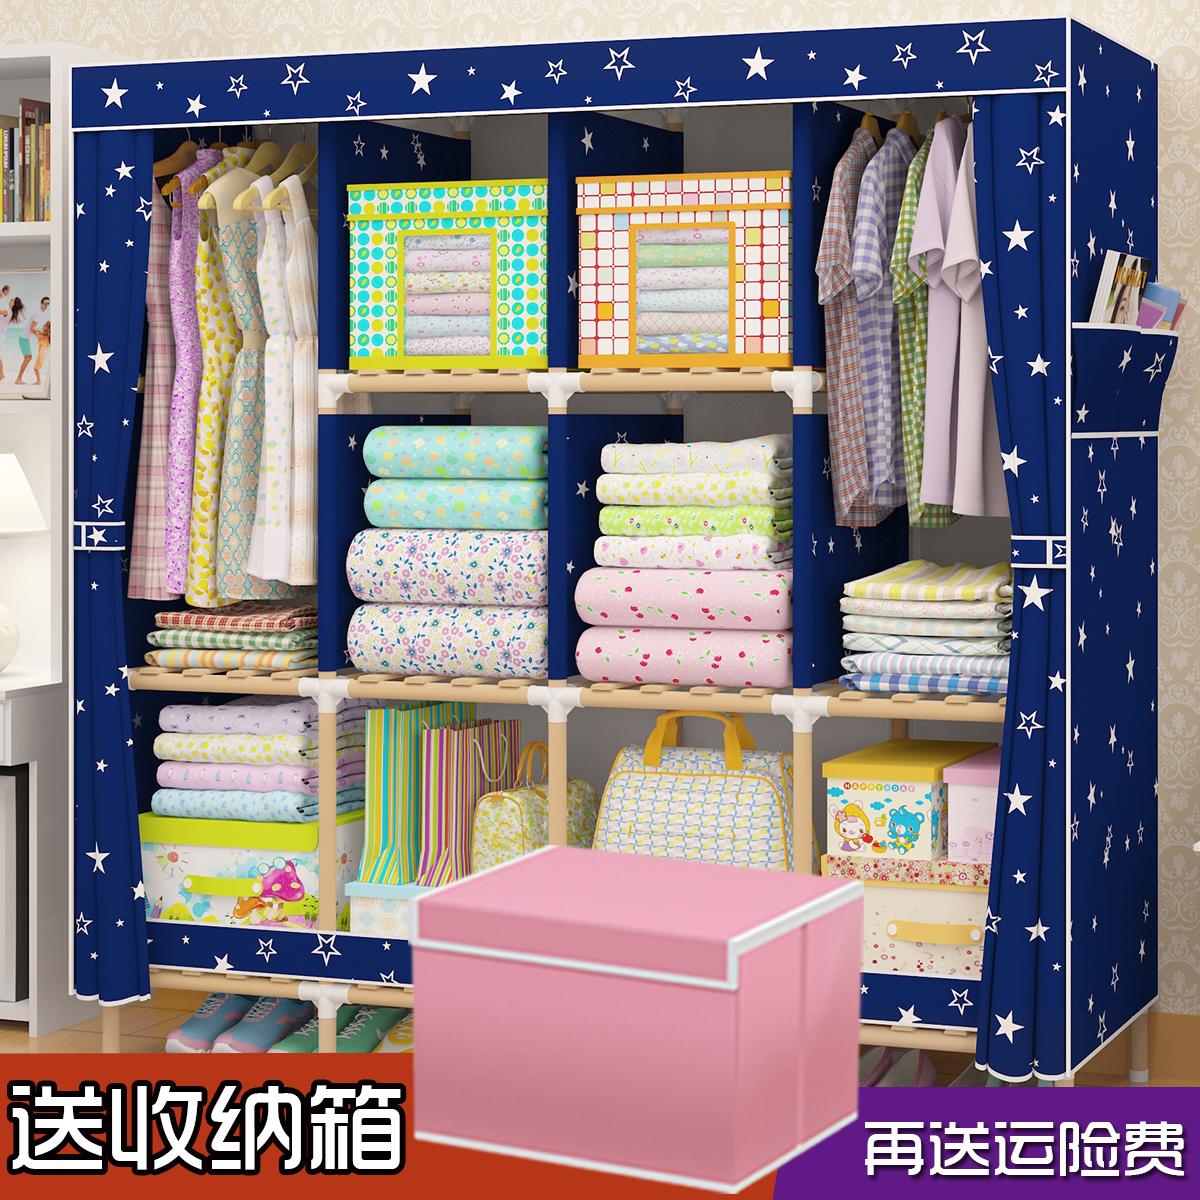 衣柜实木2门儿童简约现代经济型简易布衣柜布艺组装双人收纳衣橱